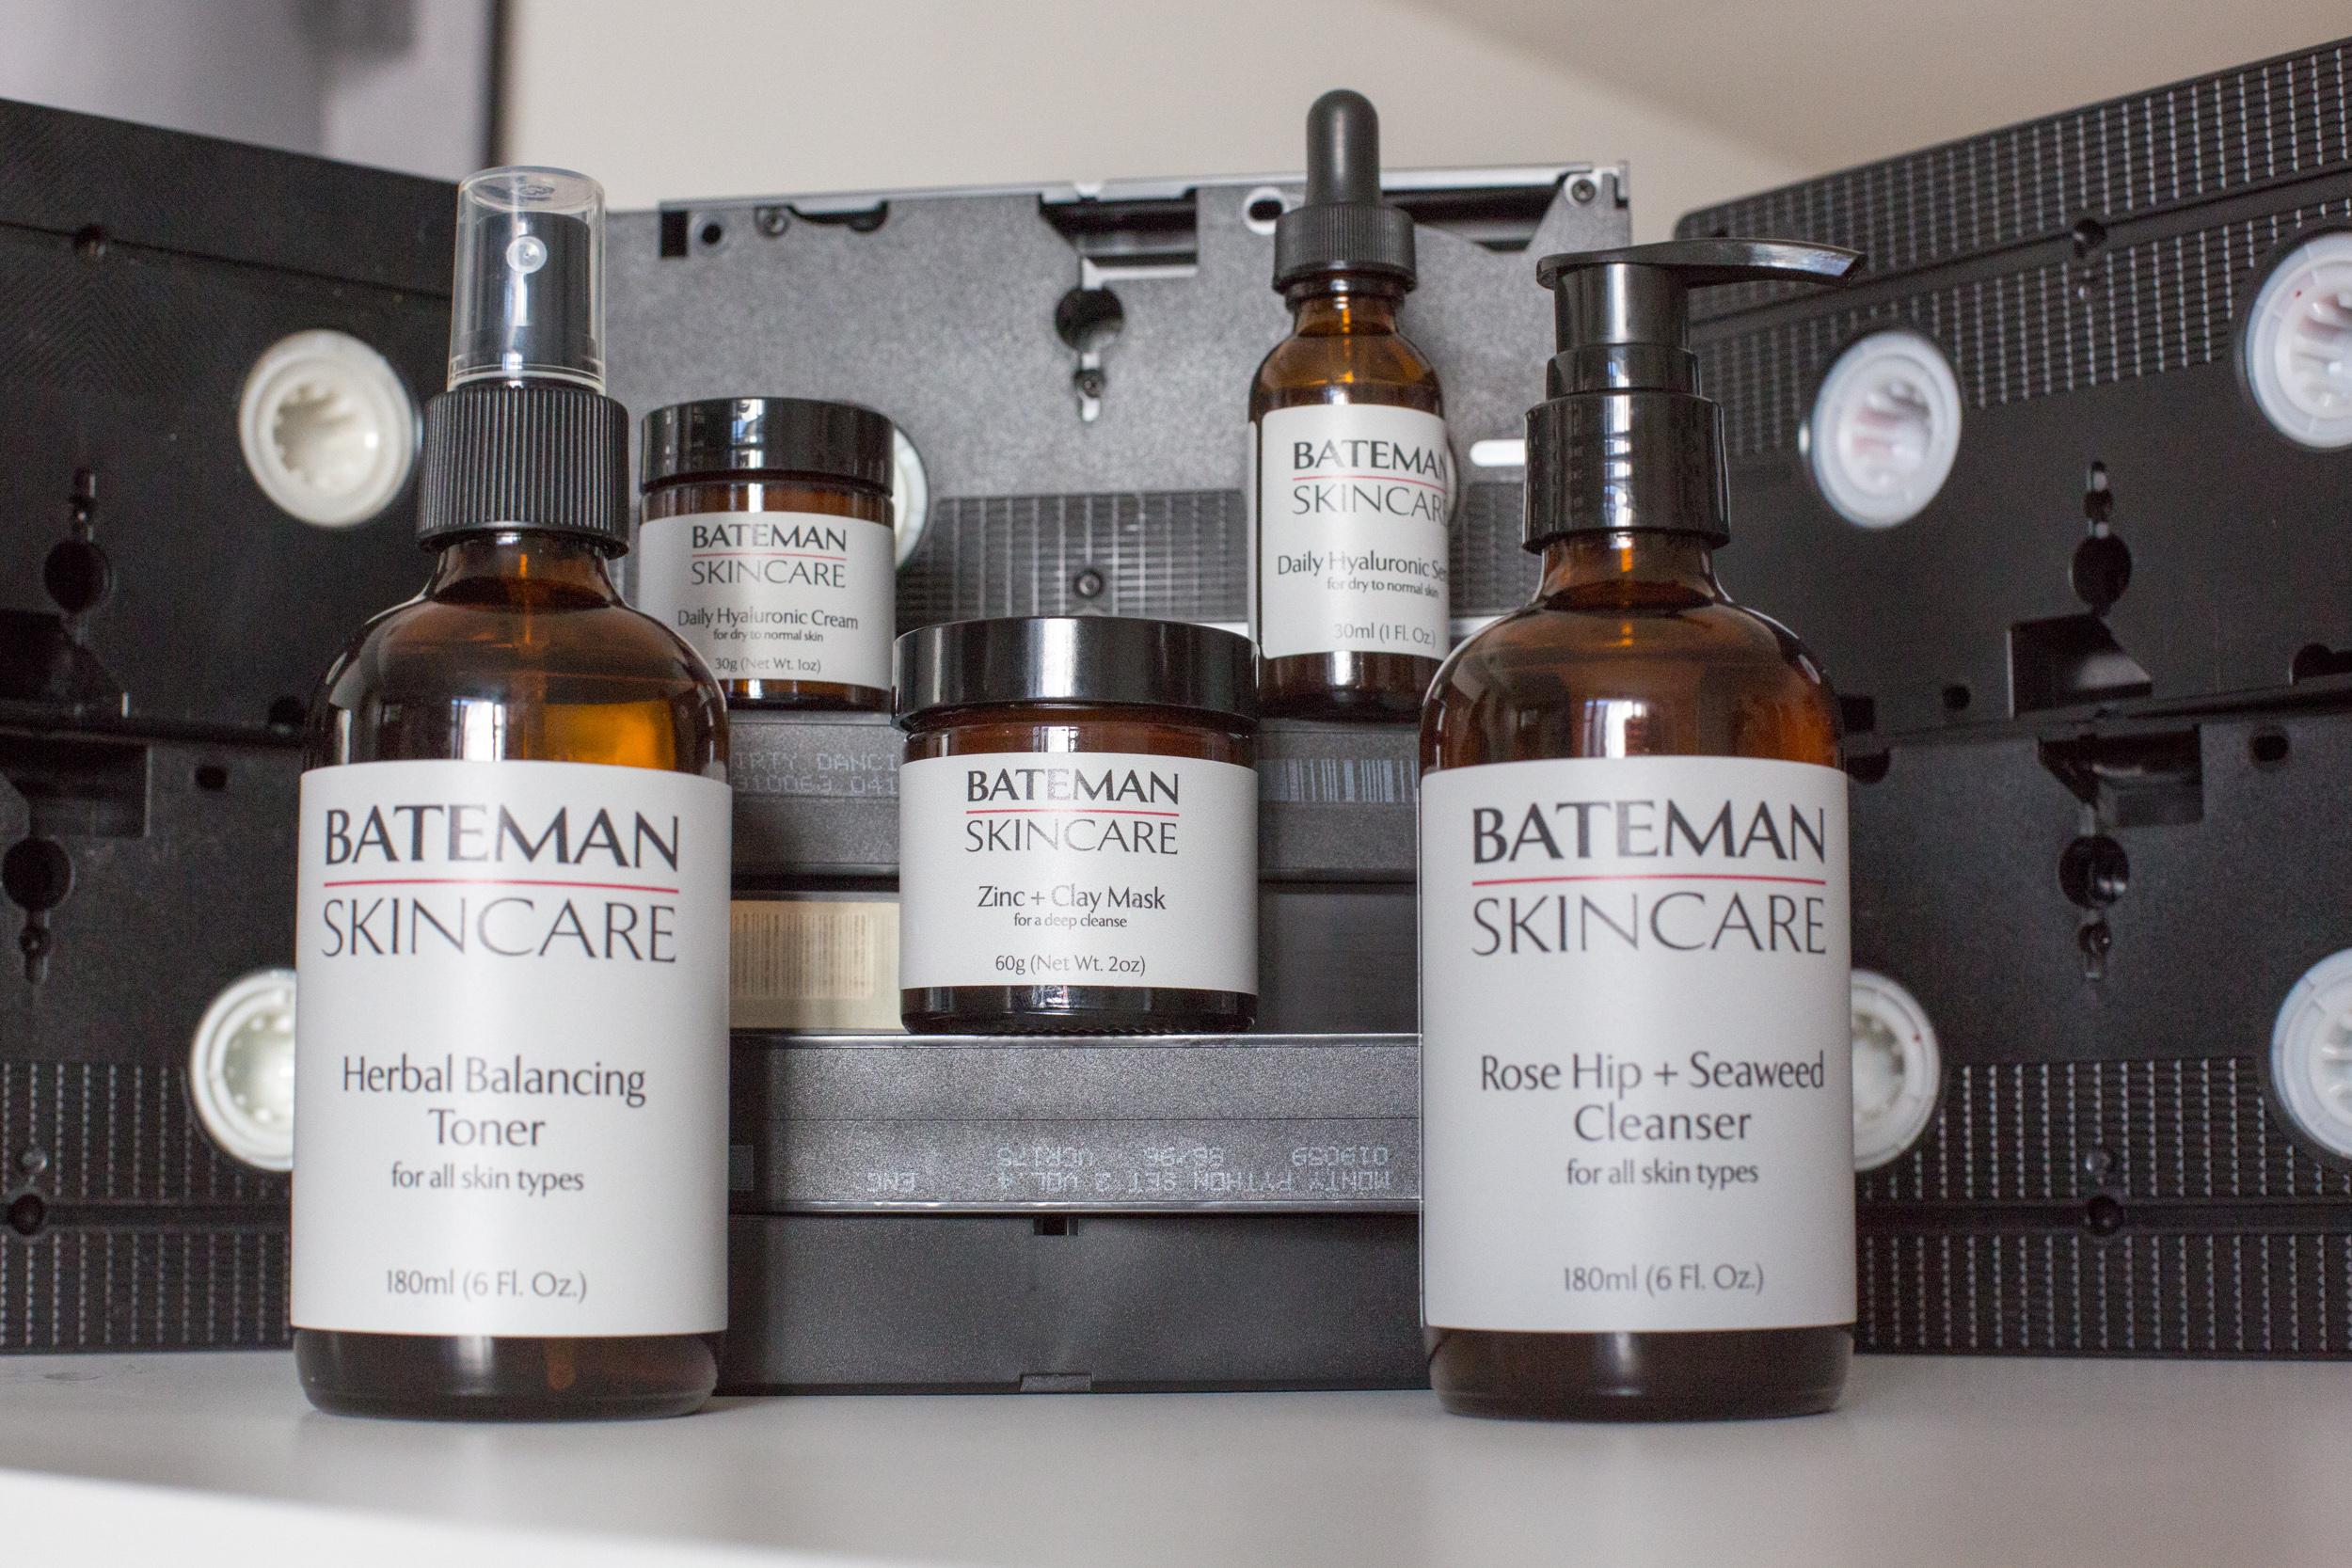 bateman skin care day 1-1370.jpg